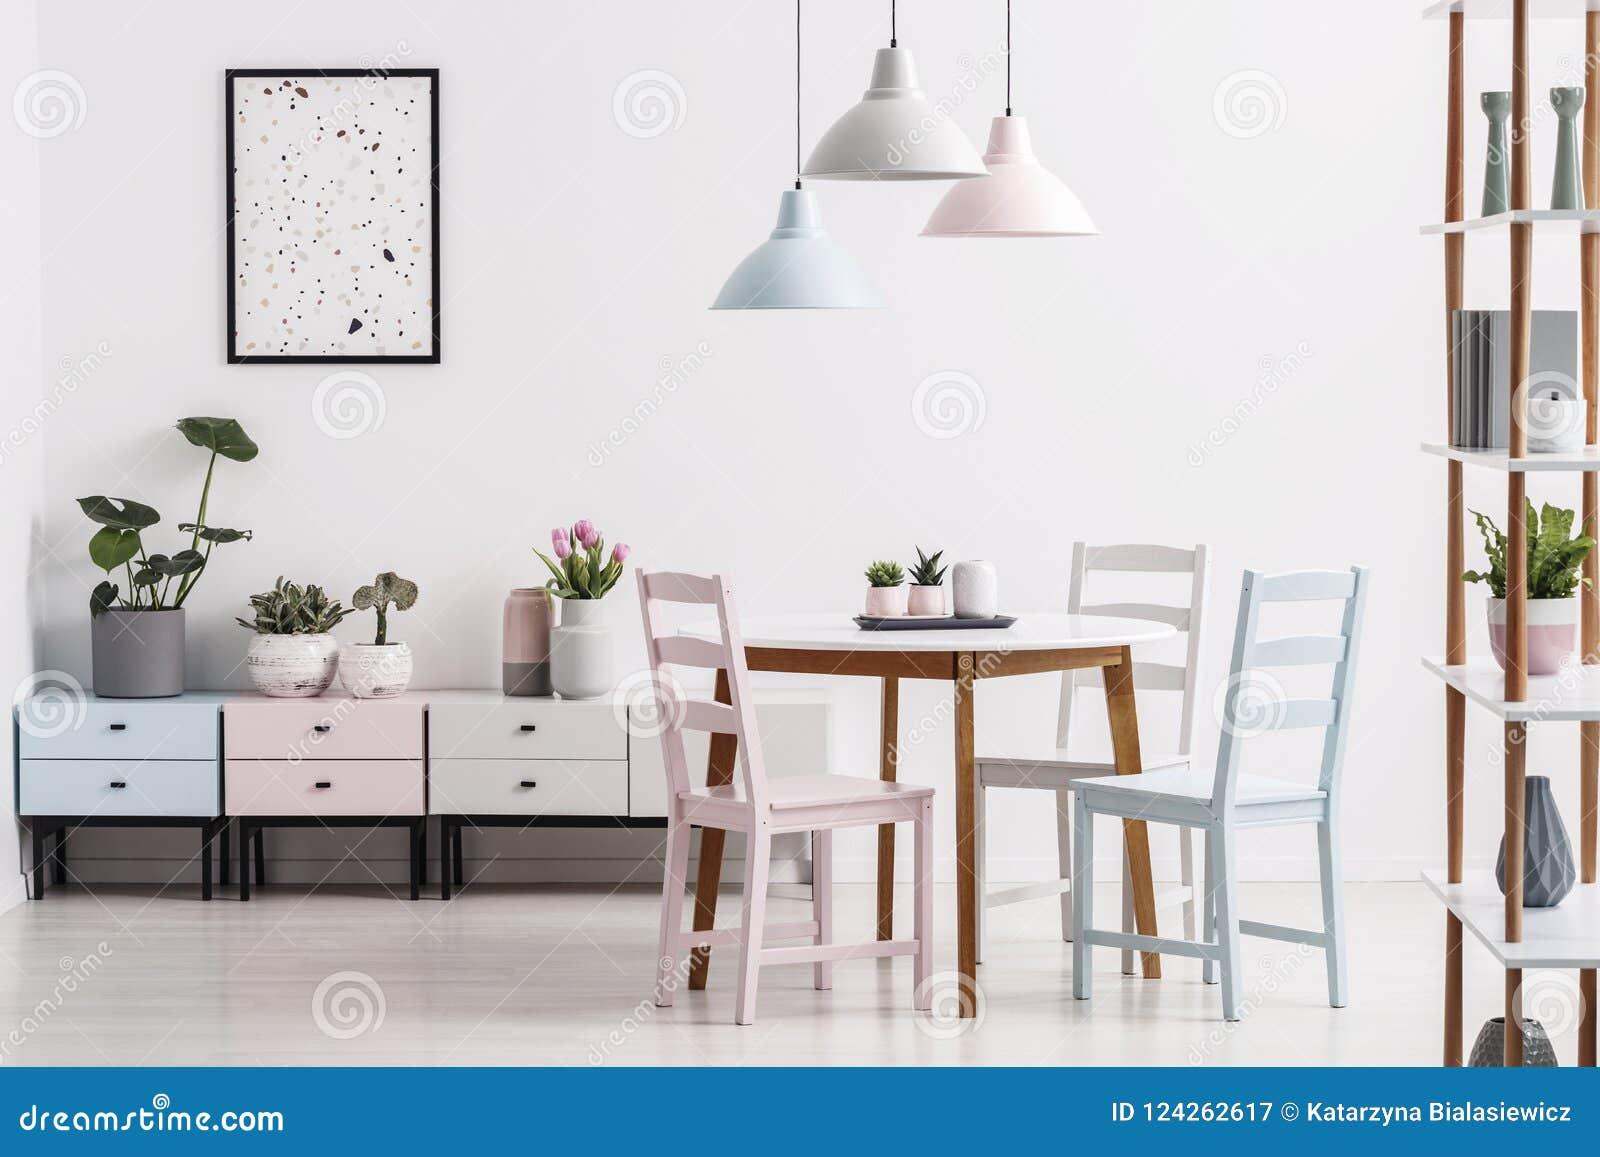 Vraie photo d un intérieur en pastel de salle à manger avec une table, chaises